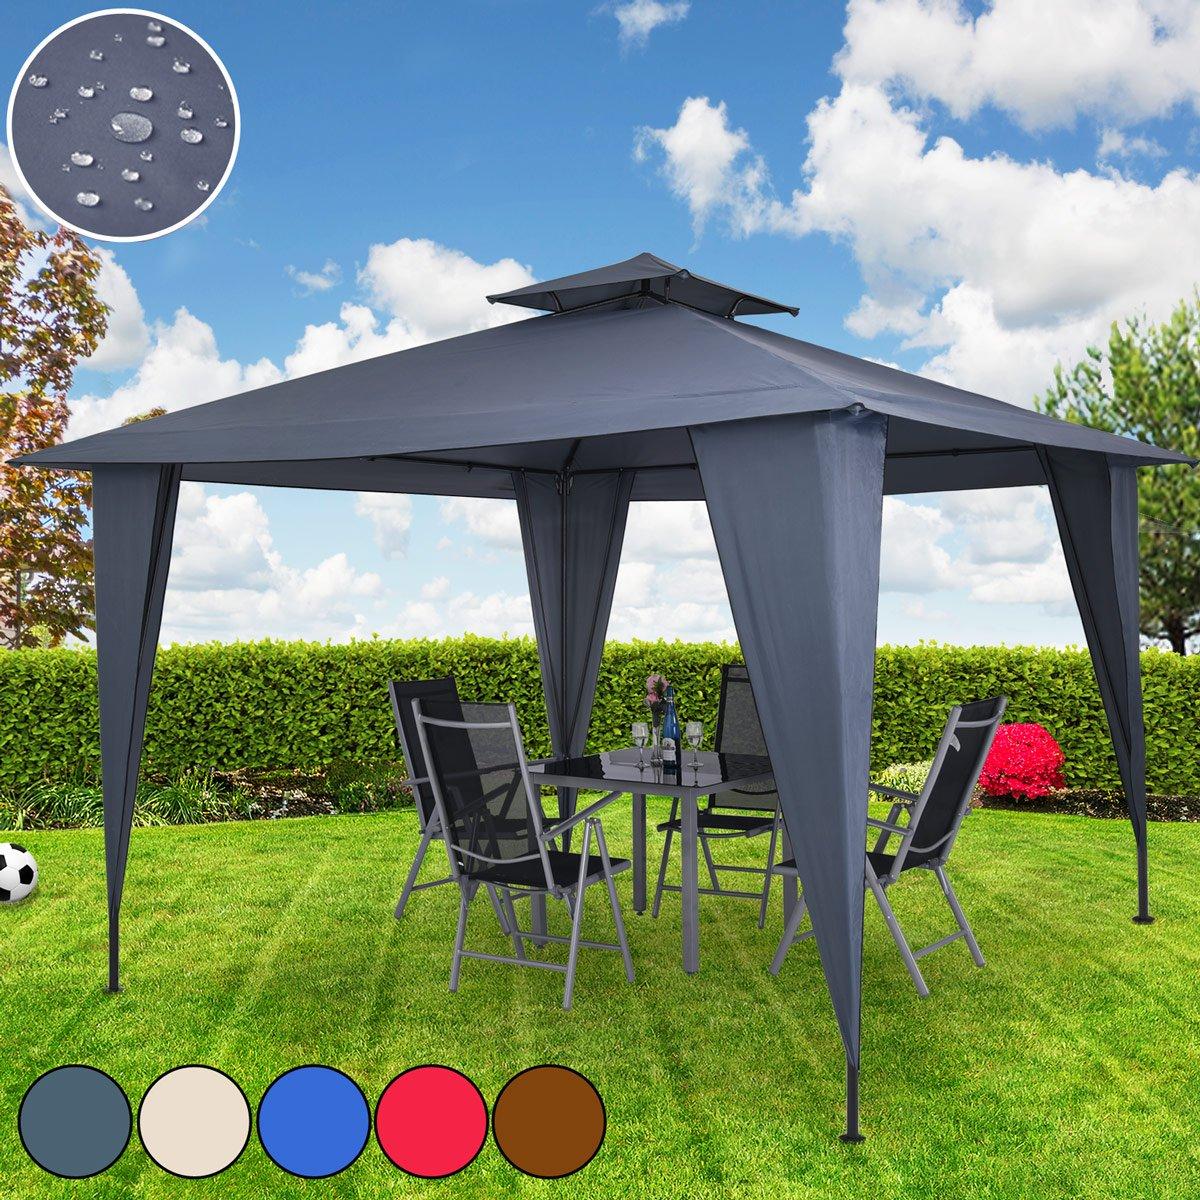 Deuba® Pavillon Sairee 3,5x3,5m   wasserdicht   Dachhaube   Festzelt Partyzelt Gartenzelt   Farbauswahl   UV-Schutz 50+  Anthrazit